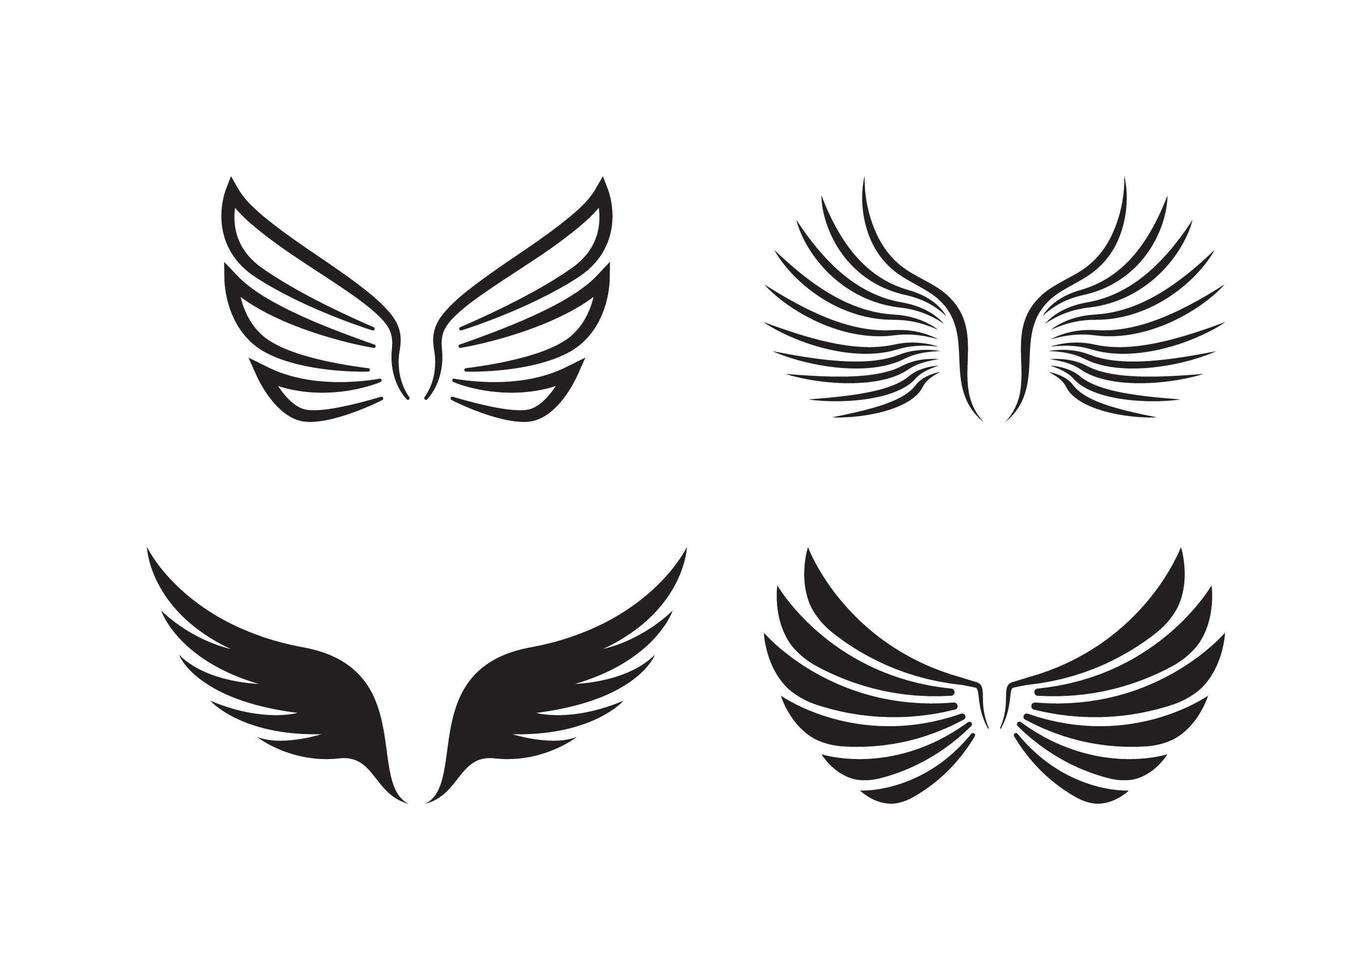 vinge ikon formgivningsmall vektor